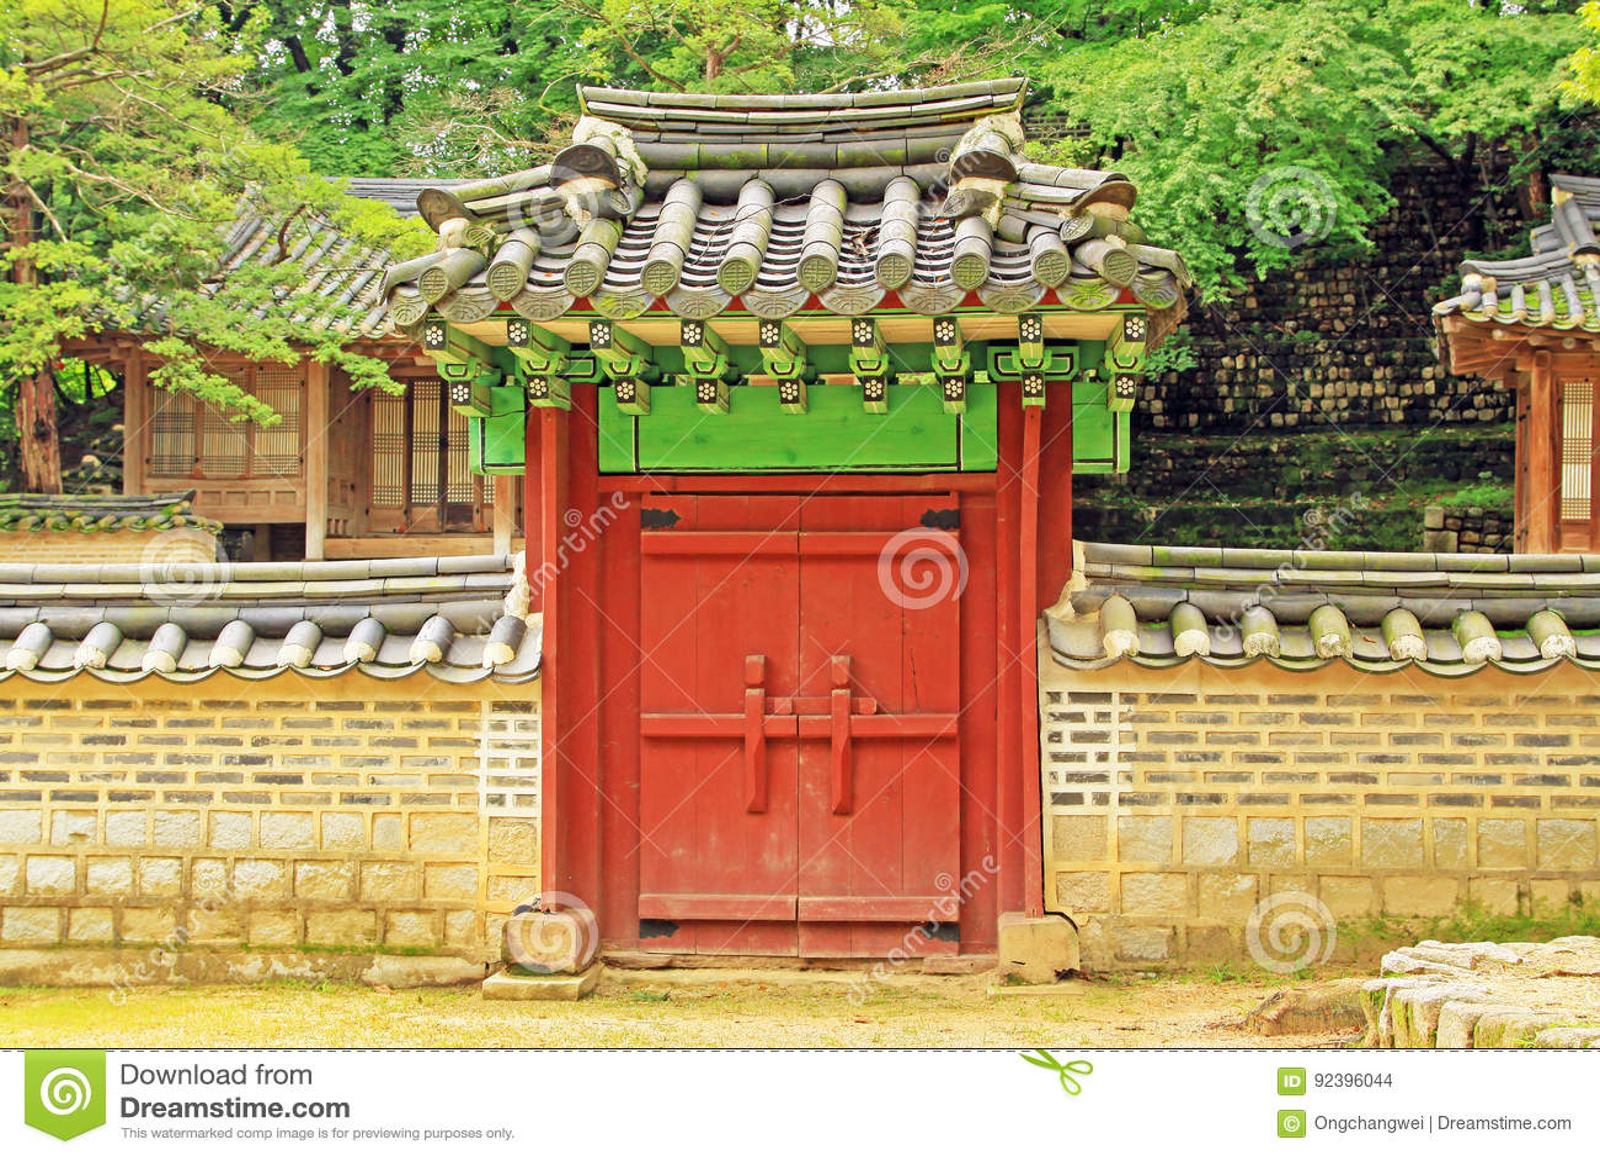 Παγκόσμια κληρονομιά της ΟΥΝΕΣΚΟ της Κορέας - παλάτι της Σεούλ Changdeokgung